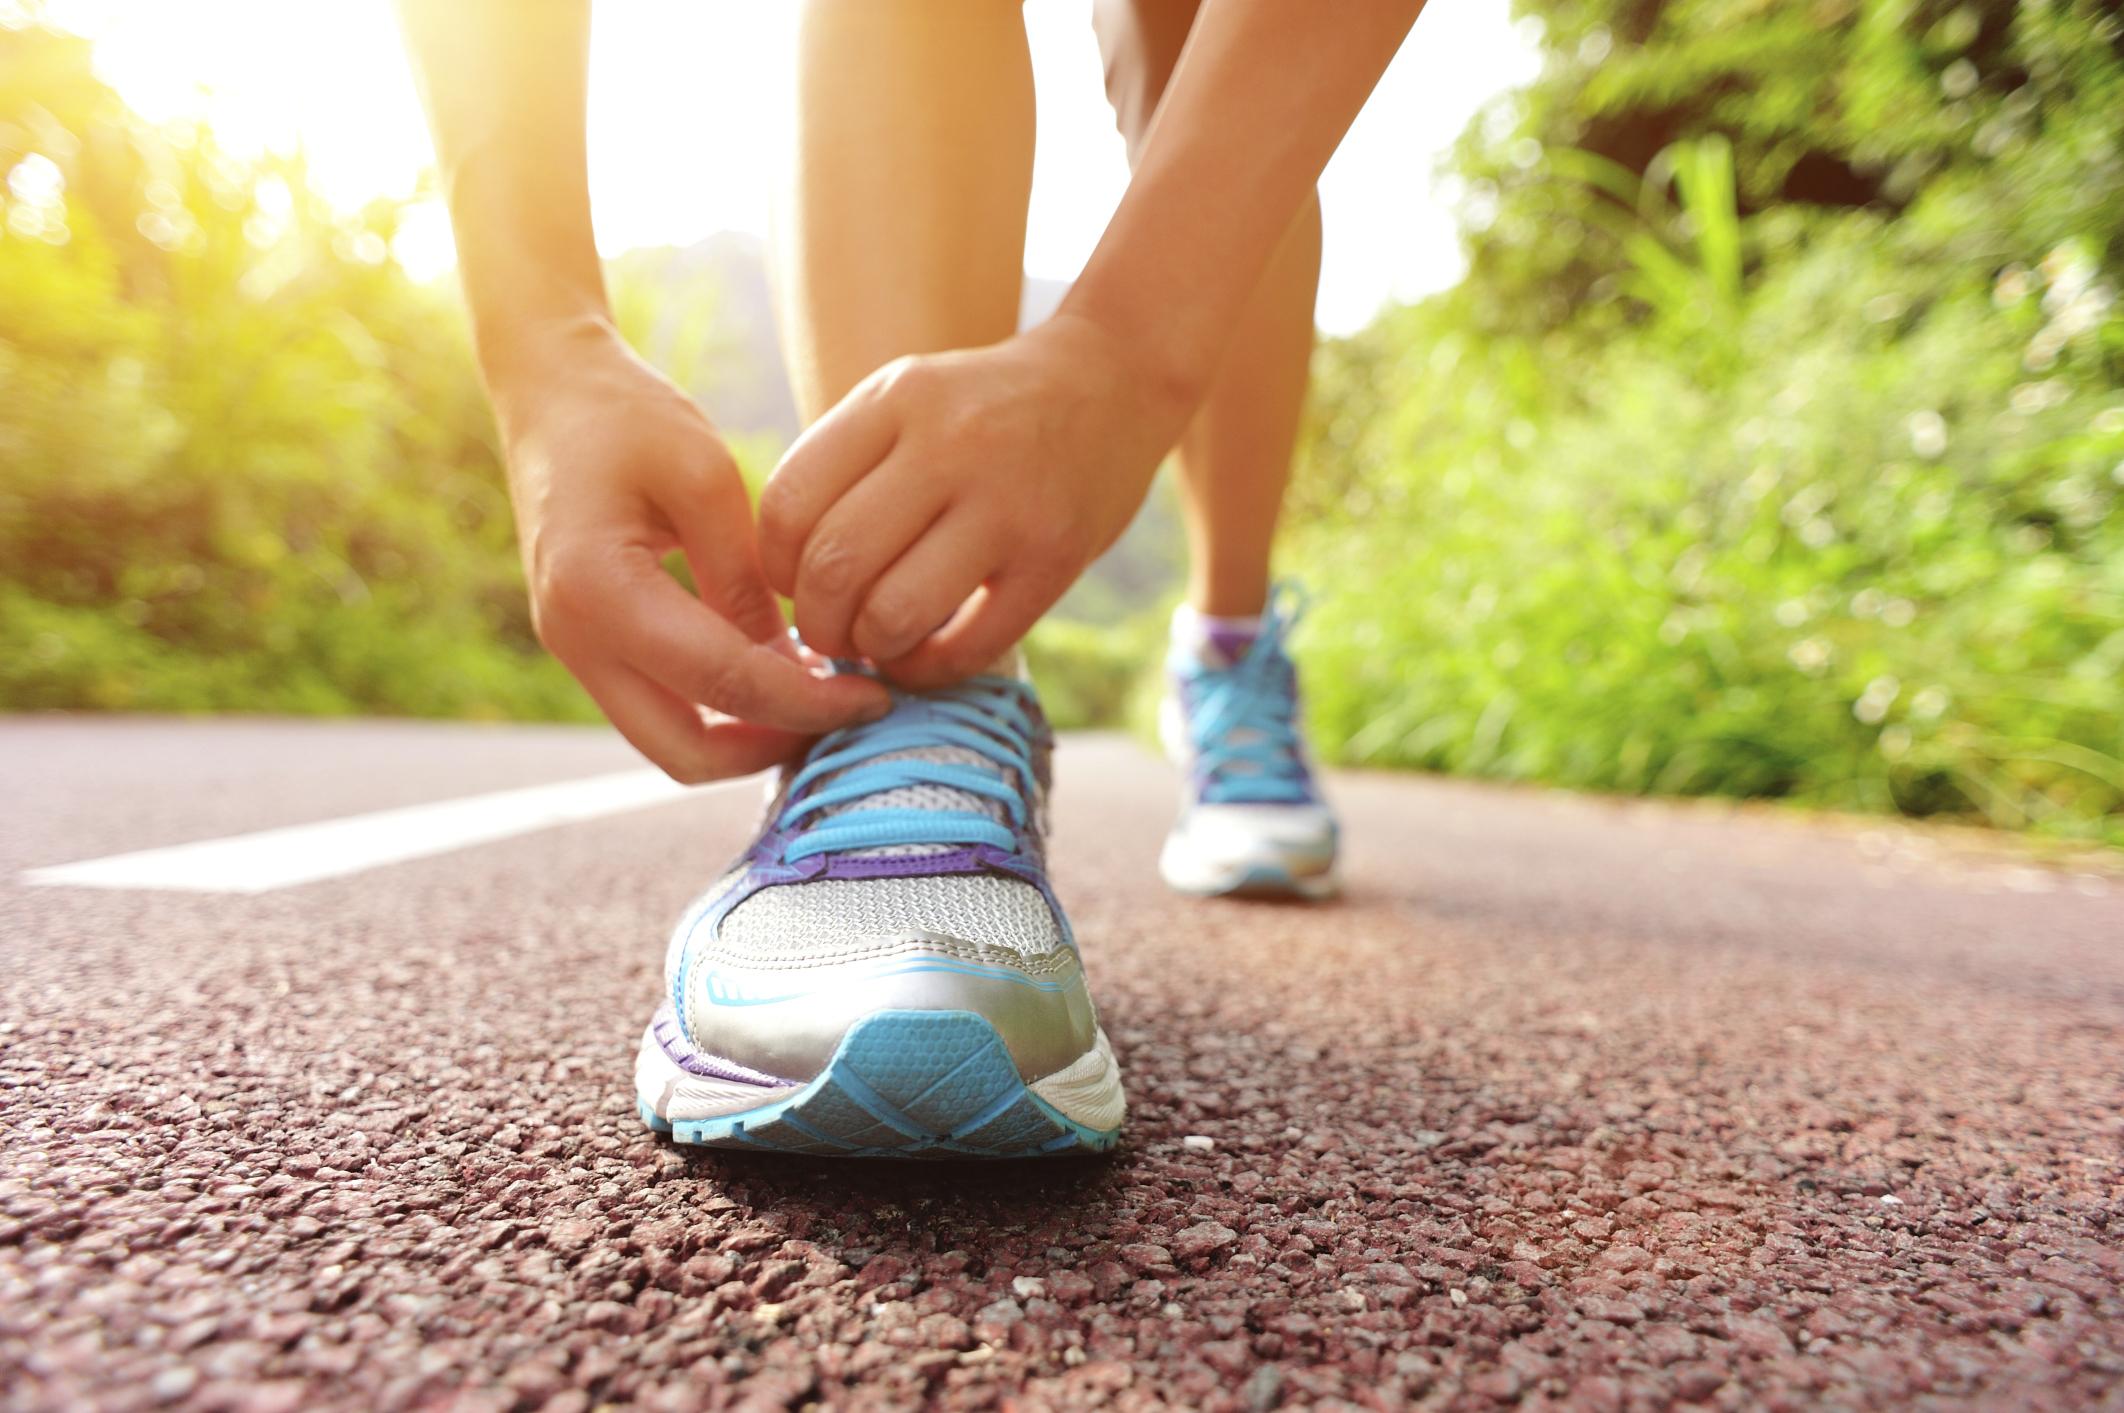 are skechers good for running